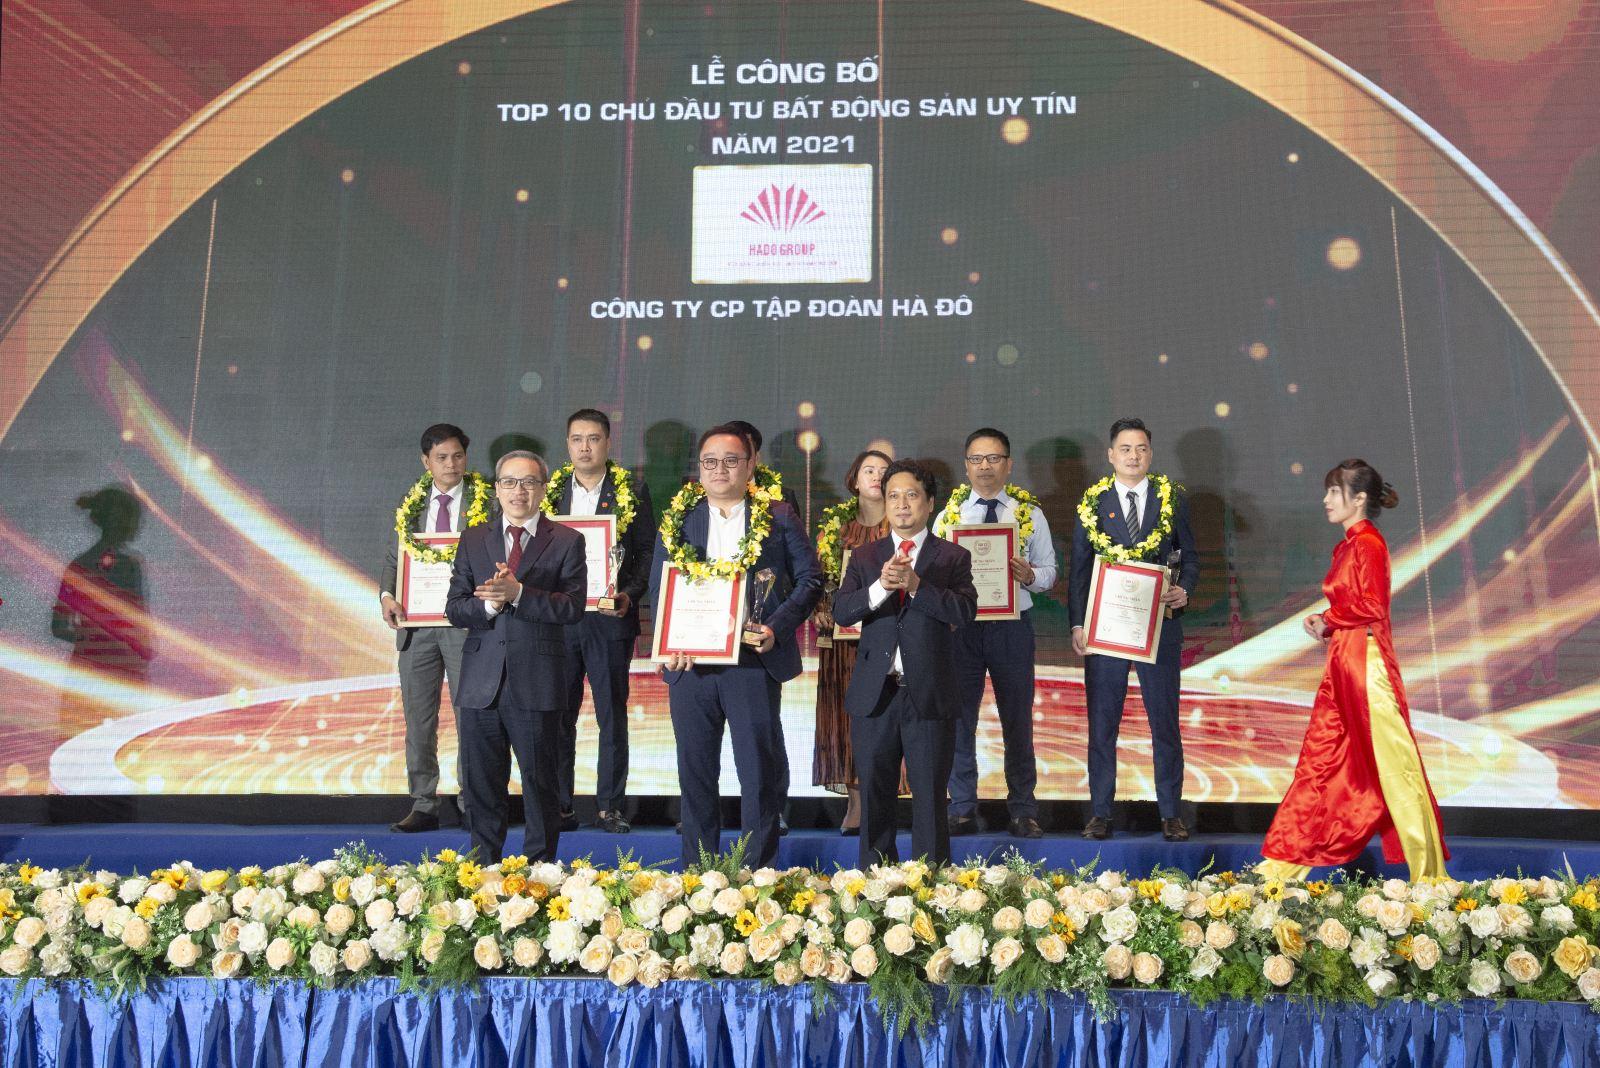 Tập đoàn Hà Đô lần thứ 5 được vinh danh trong Top 10 Chủ đầu tư Bất động sản uy tín Việt Nam